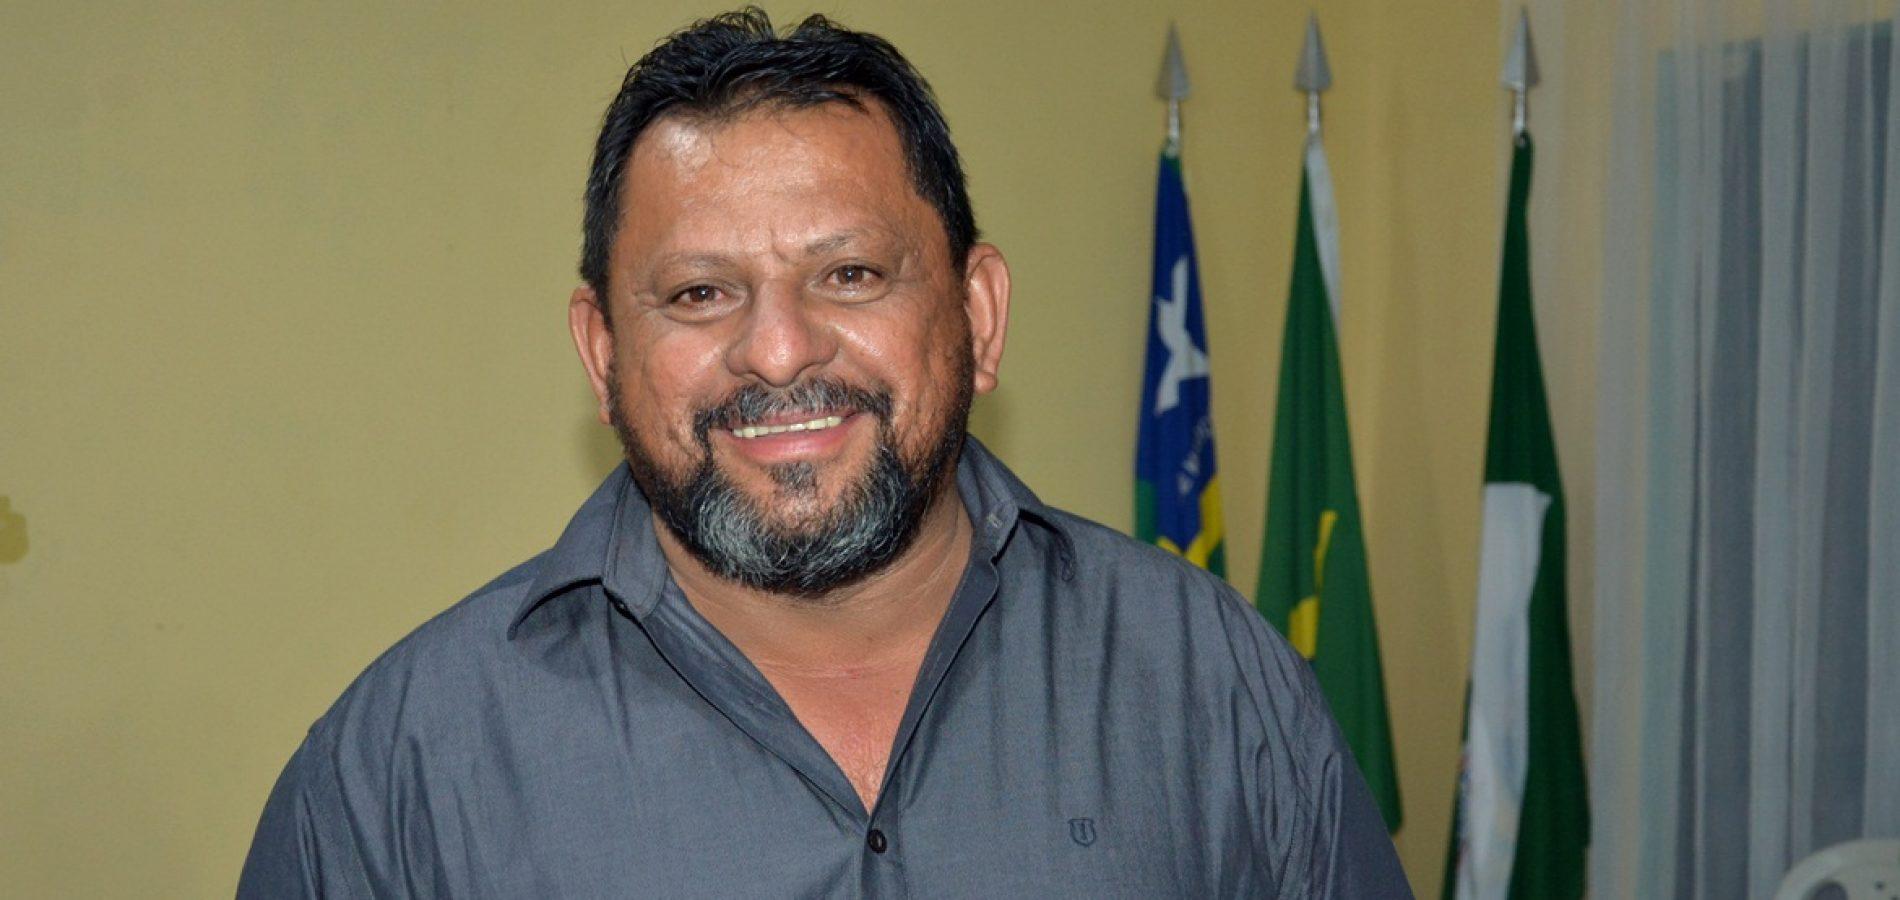 Prefeito Ademar anuncia atração gospel e divulga programação do aniversário de Belém do PI